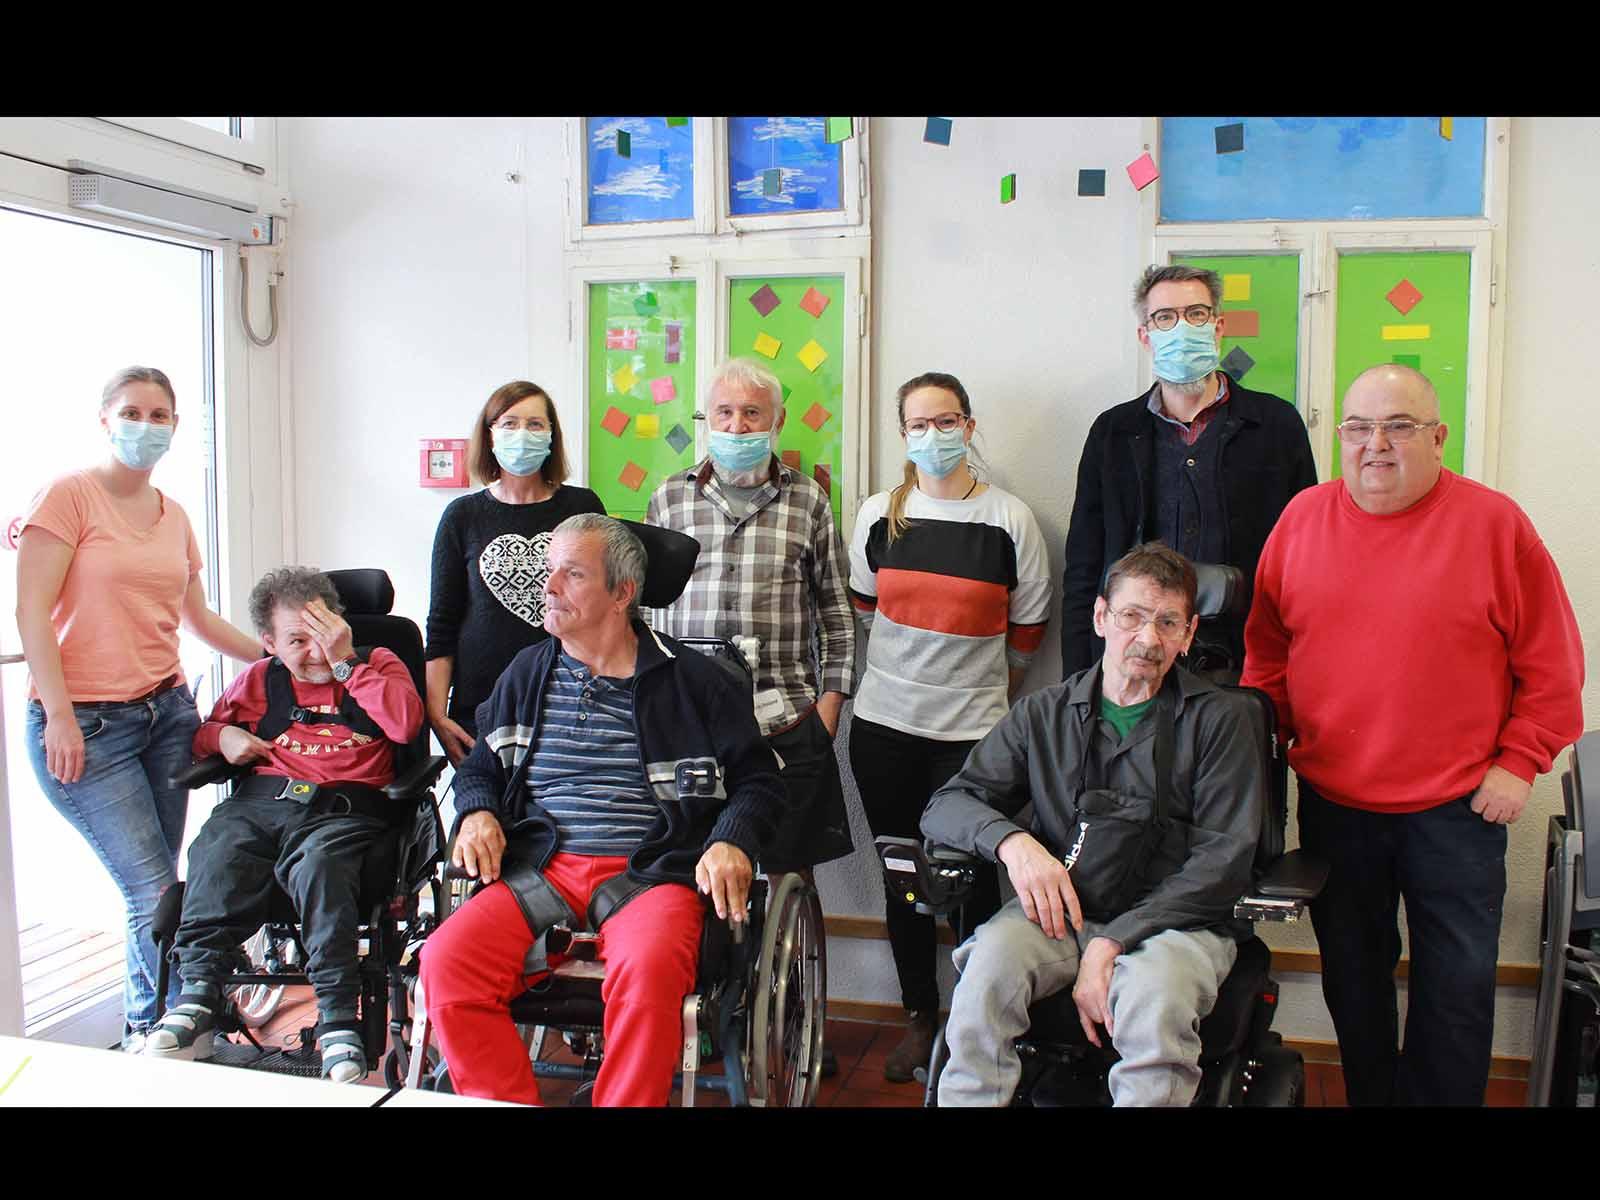 Zur Erinnerung an eine gelungene erste Aktion: Ein Gruppenfoto mit vier freiwilligen Einpackern und Mitarbeiter*innen (mit Maske).